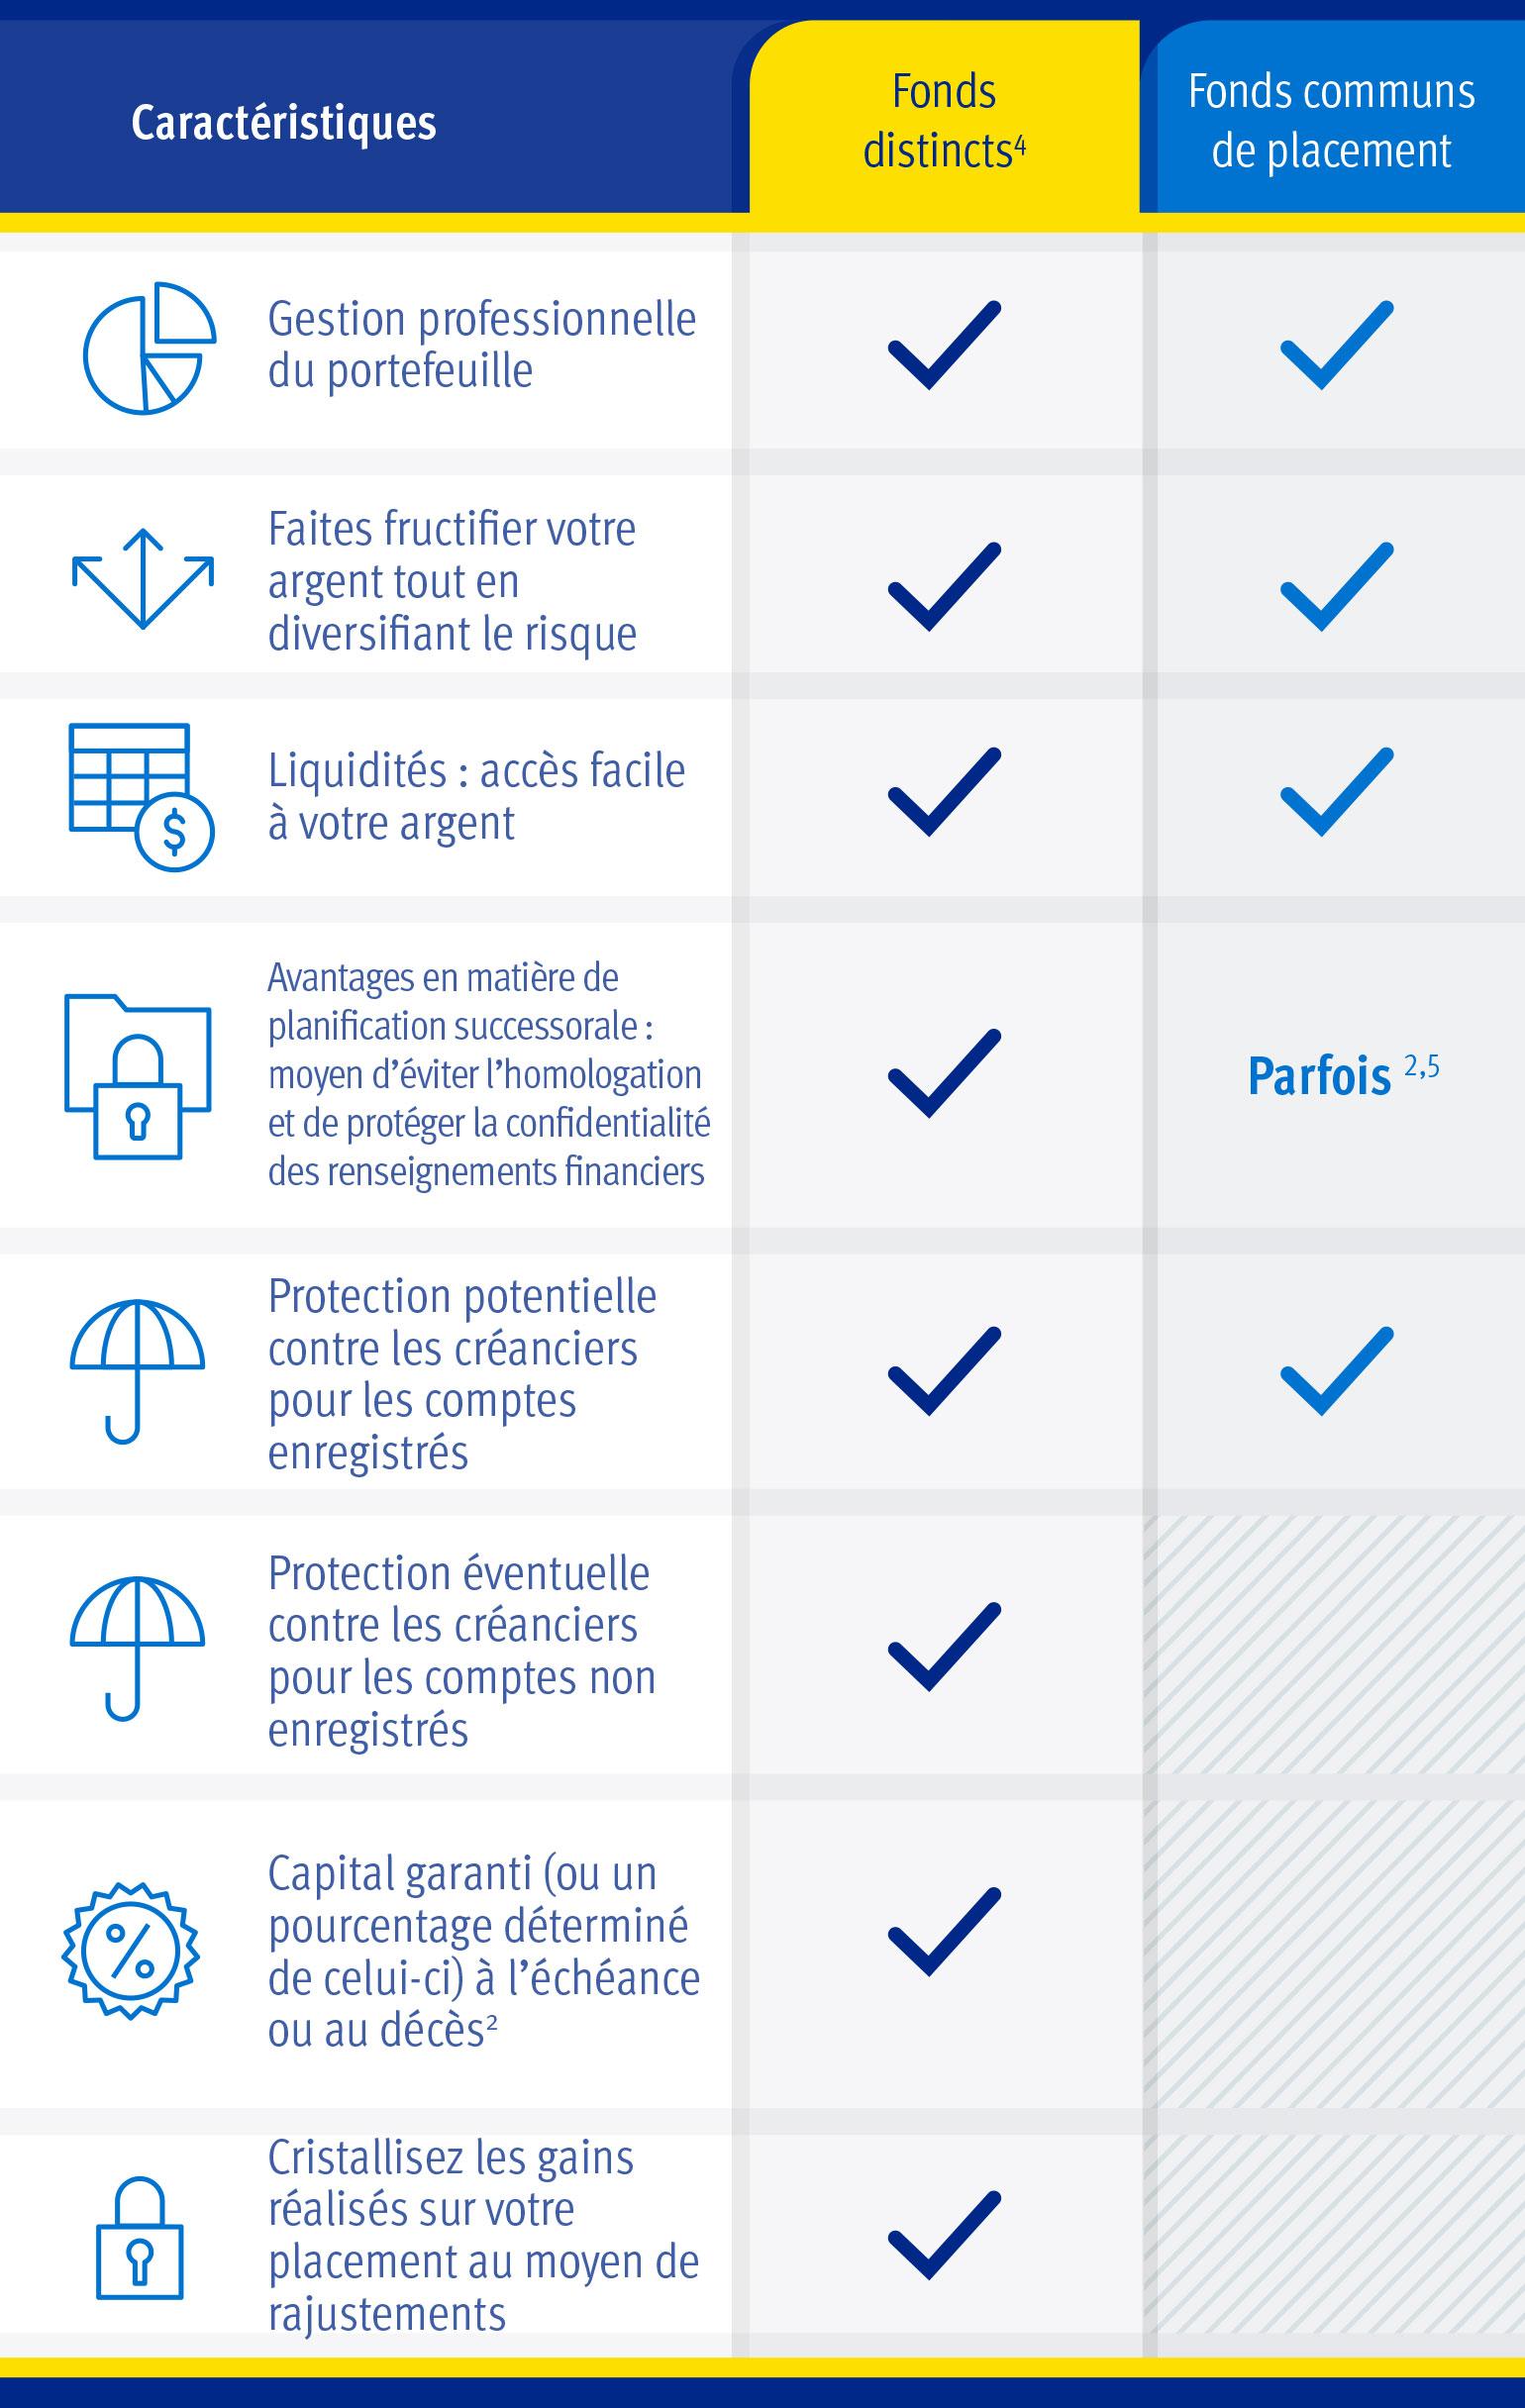 Fonds distincts et fonds communs de placement